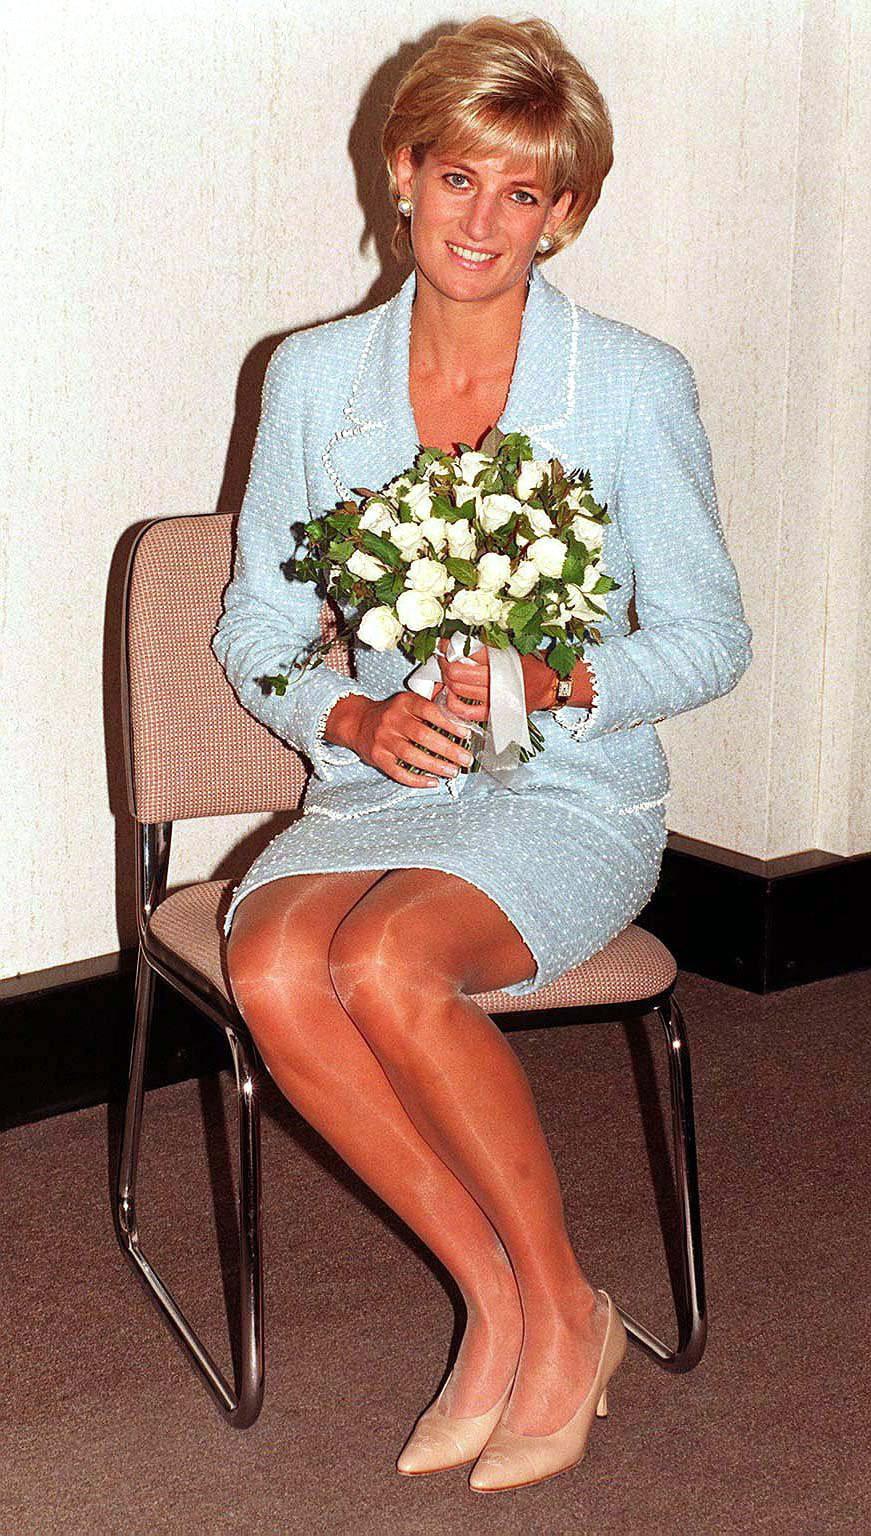 Lý do đau lòng đằng sau việc Công nương Diana ngừng diện đồ Chanel sẽ khiến người ta càng thương bà nhiều hơn - Ảnh 3.